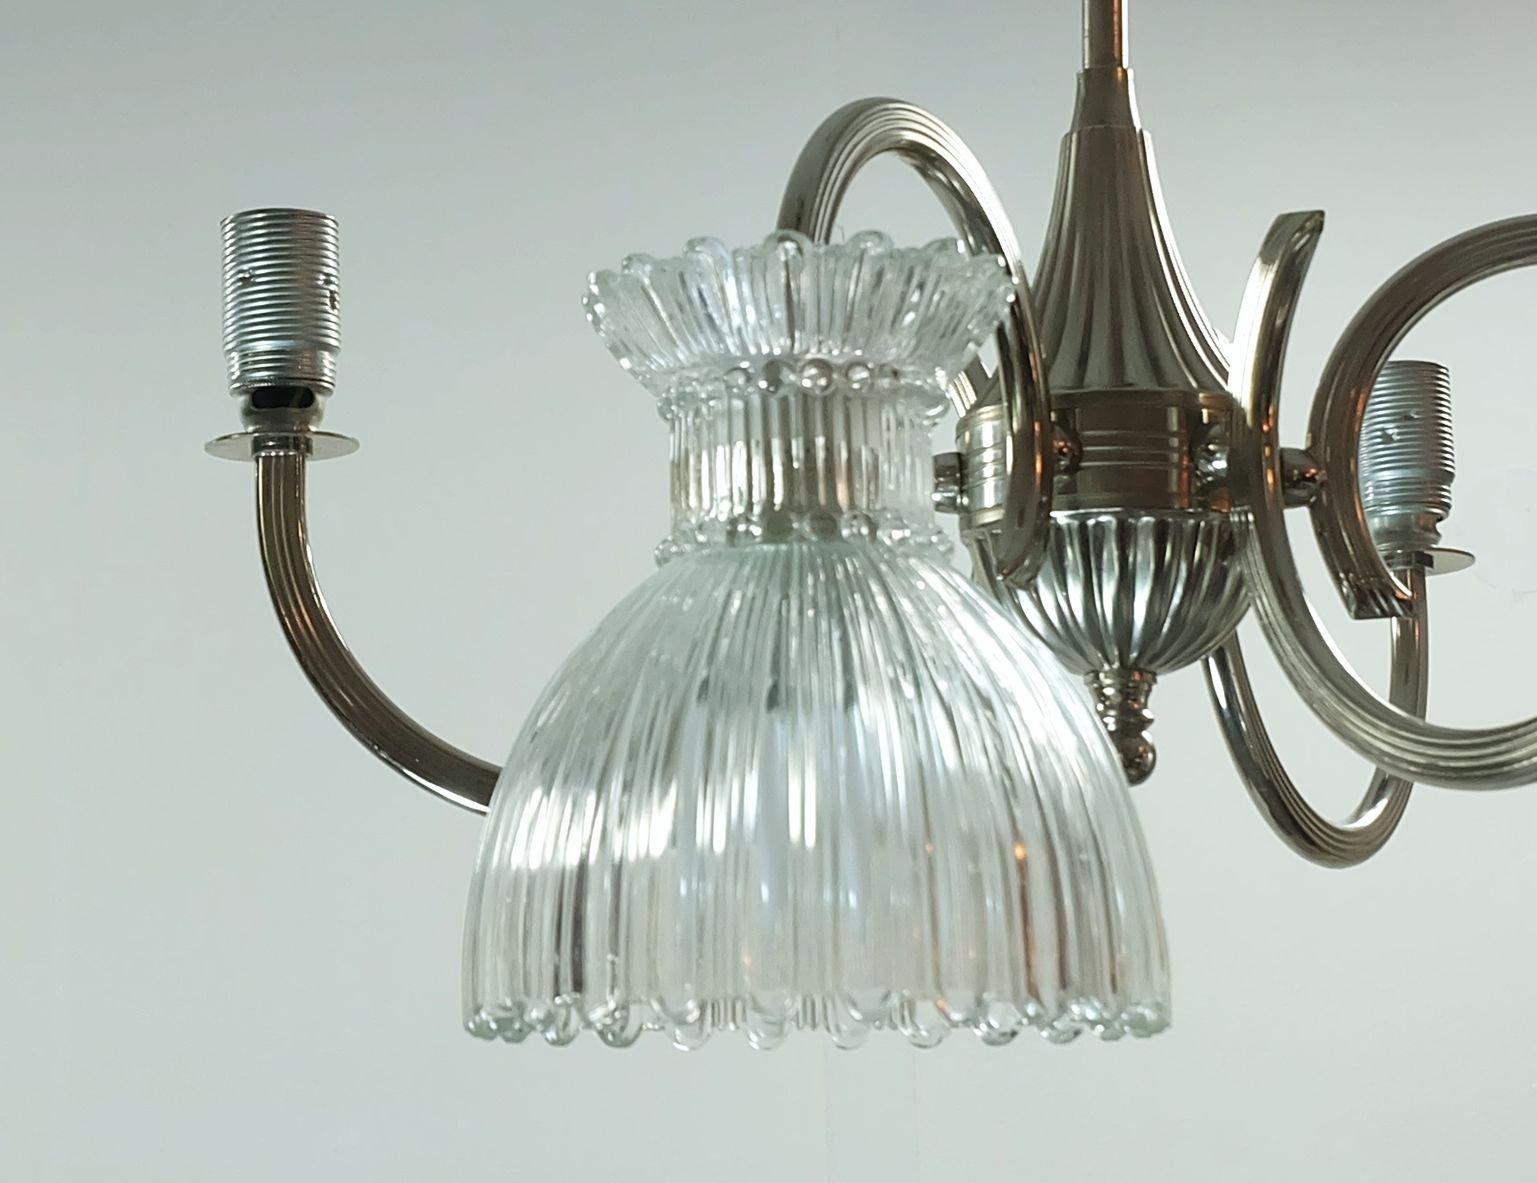 Kronleuchter Mit : Mid century chrom kronleuchter mit glassschirmen bei pamono kaufen